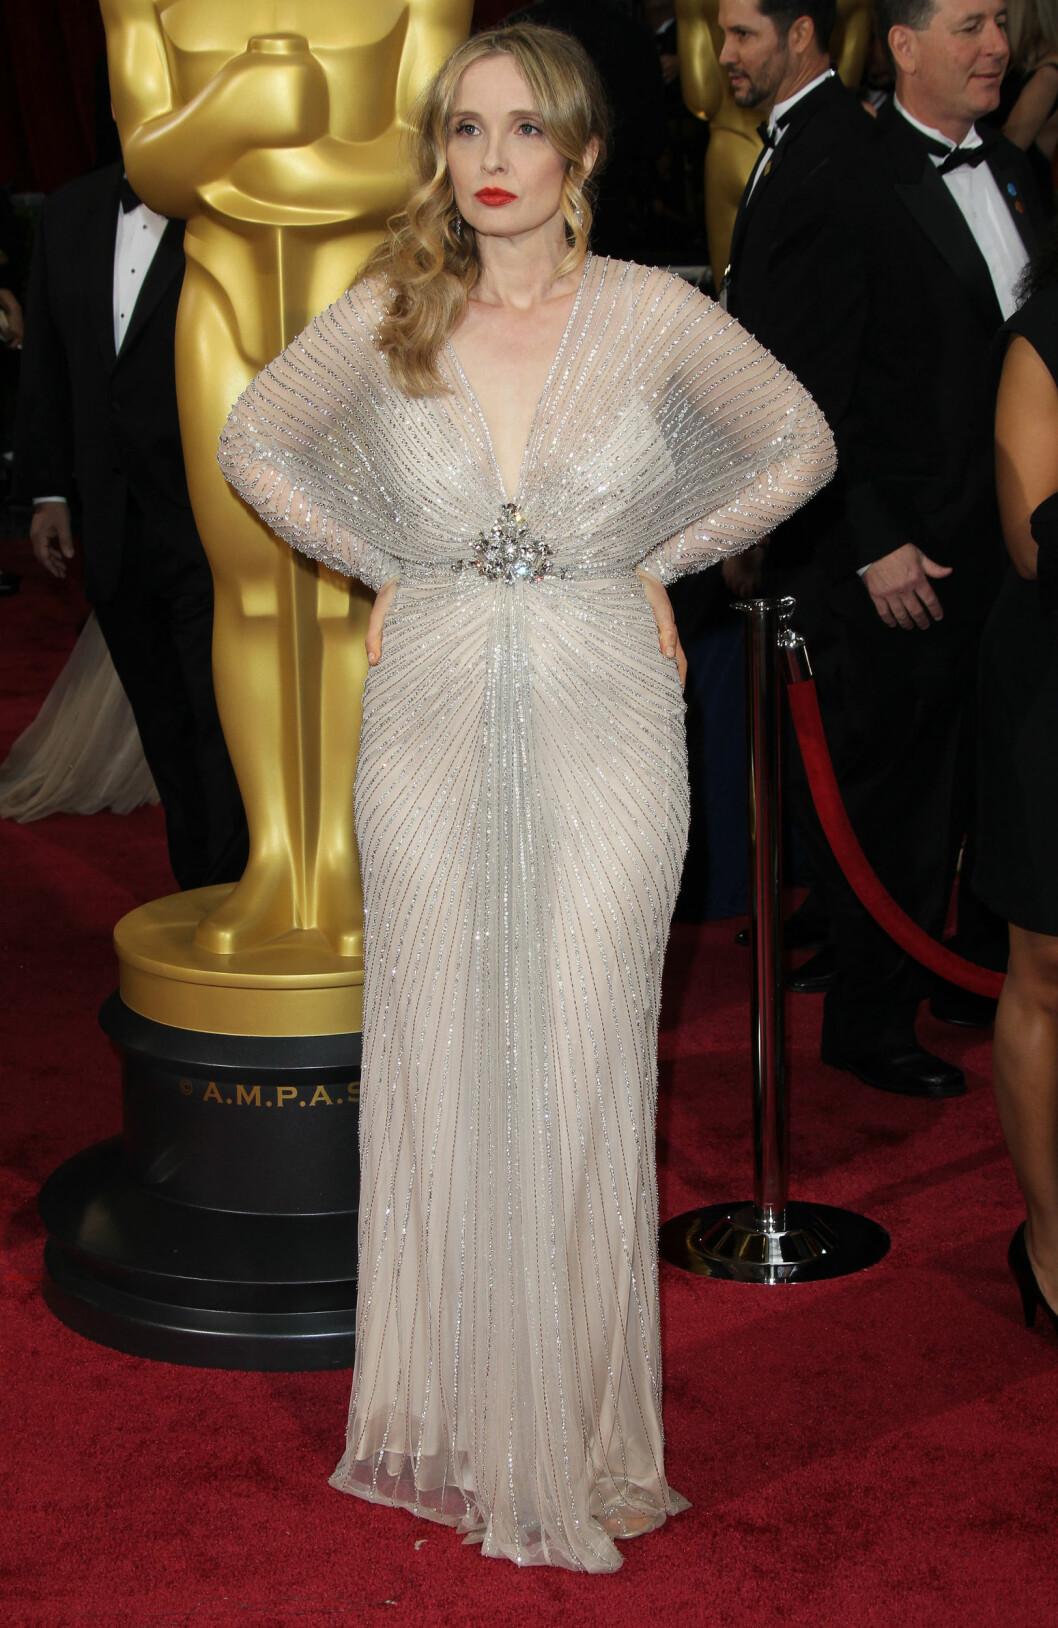 """Franske Julie Delpy fikk mye kritikk for denne """"flaggermus""""-kjolen.  Foto: Jen Lowery / Splash News/ All Over Press"""